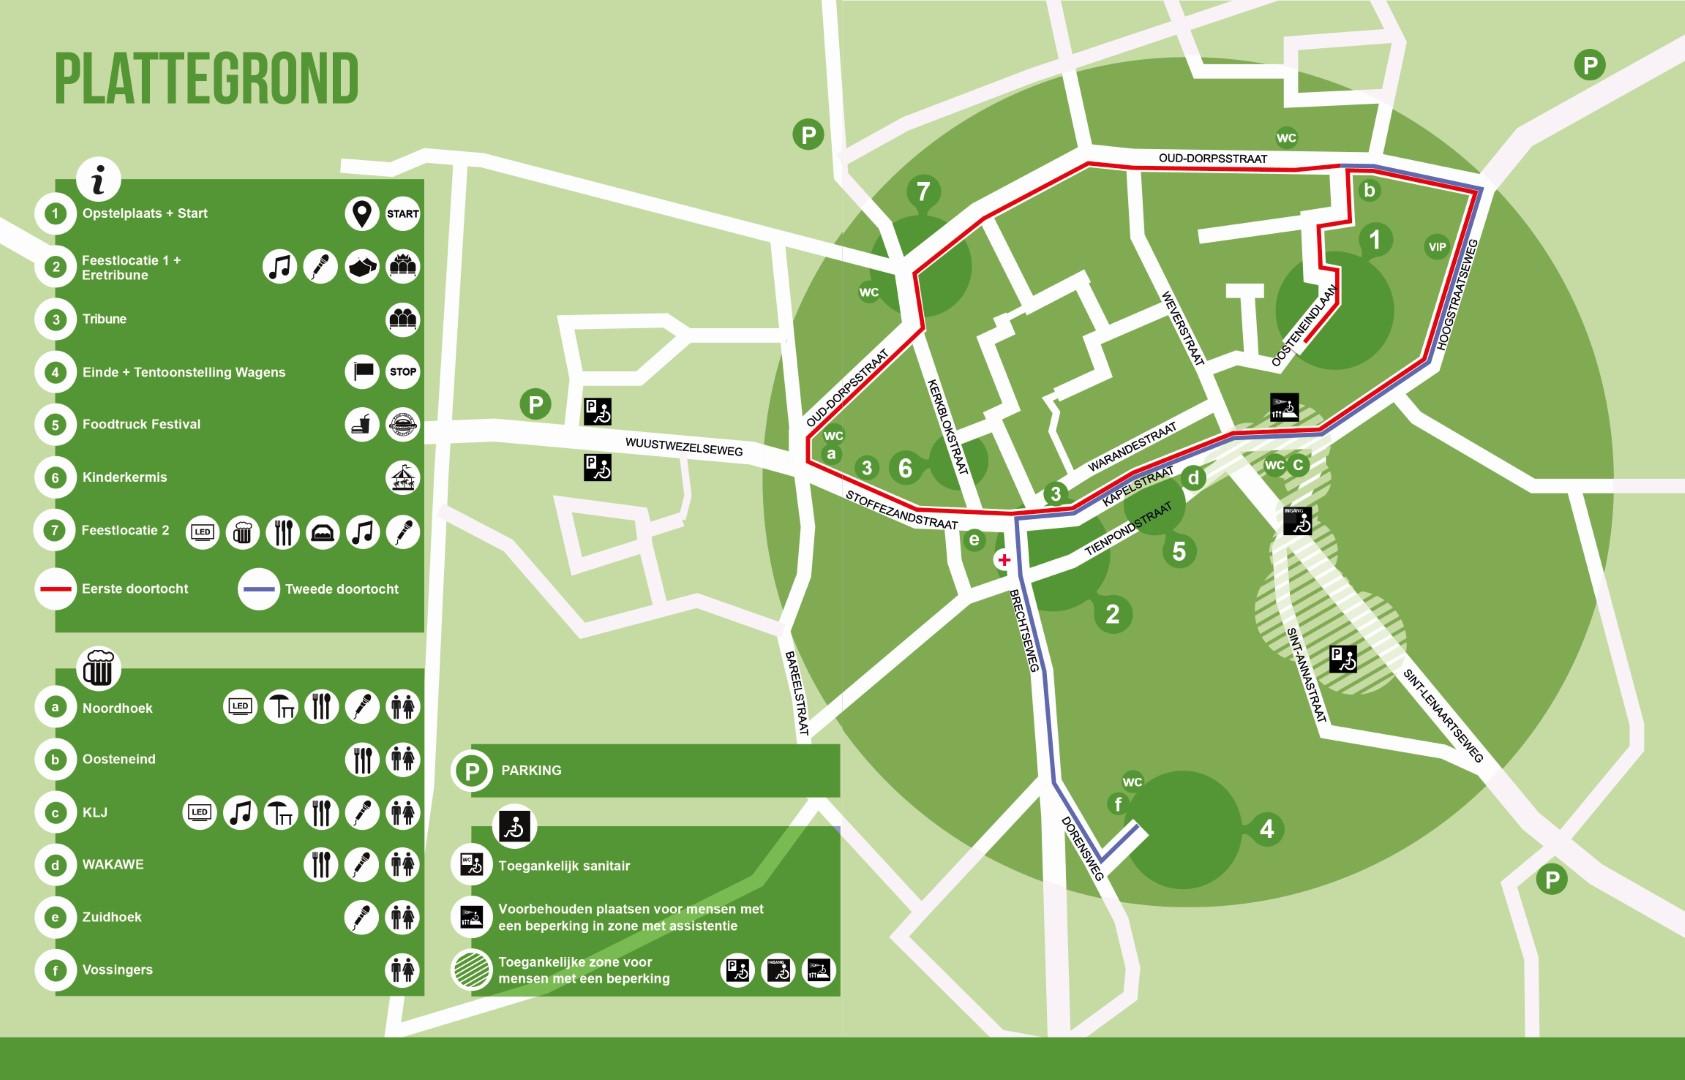 Dorpsplan corso Loenhout 2018